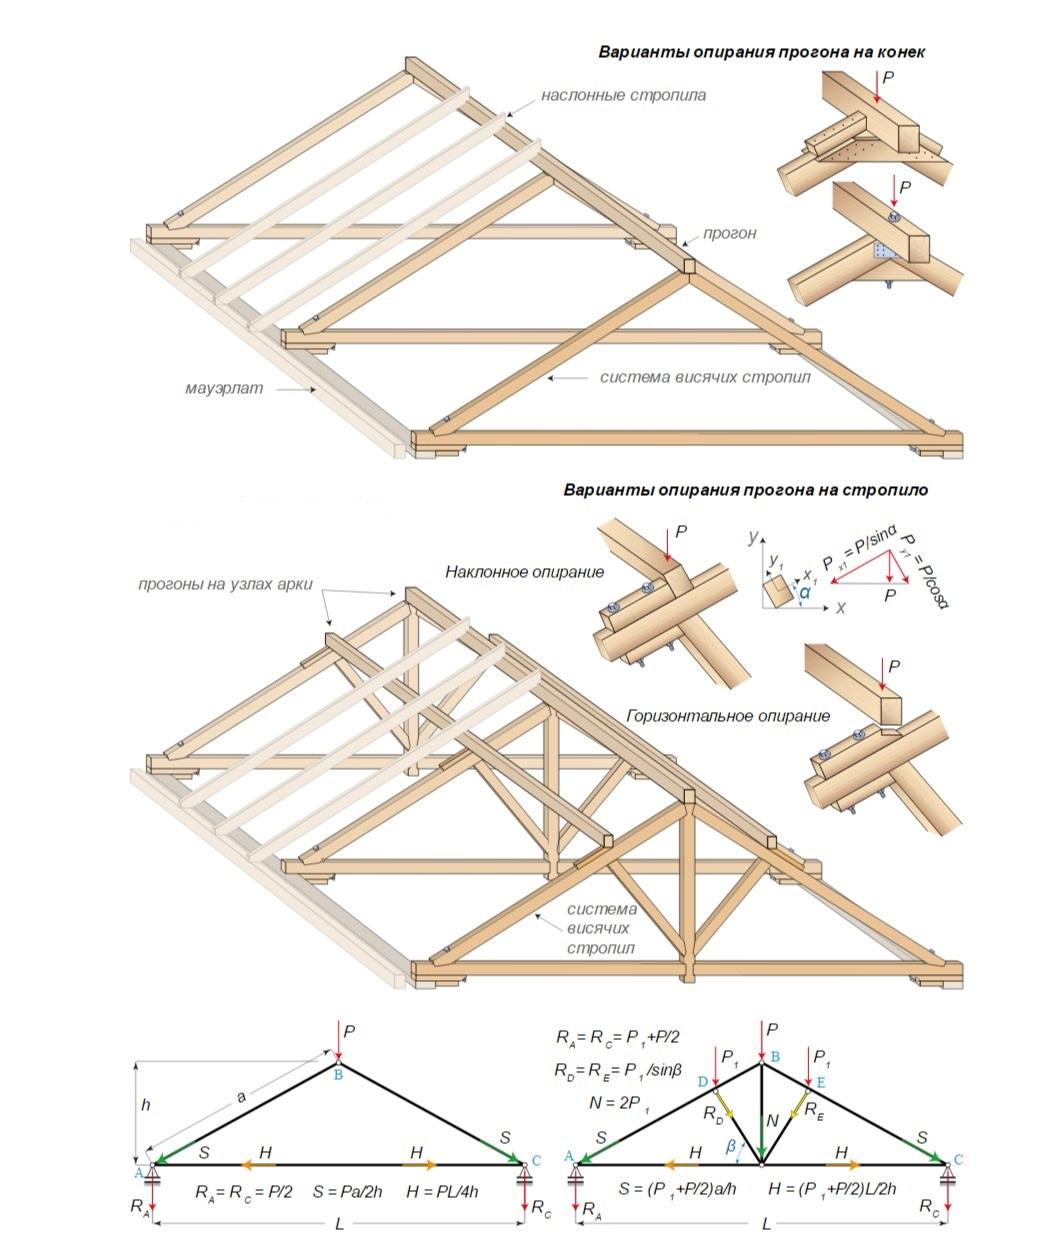 Как поставить стропильную систему и накрыть крышу своими руками